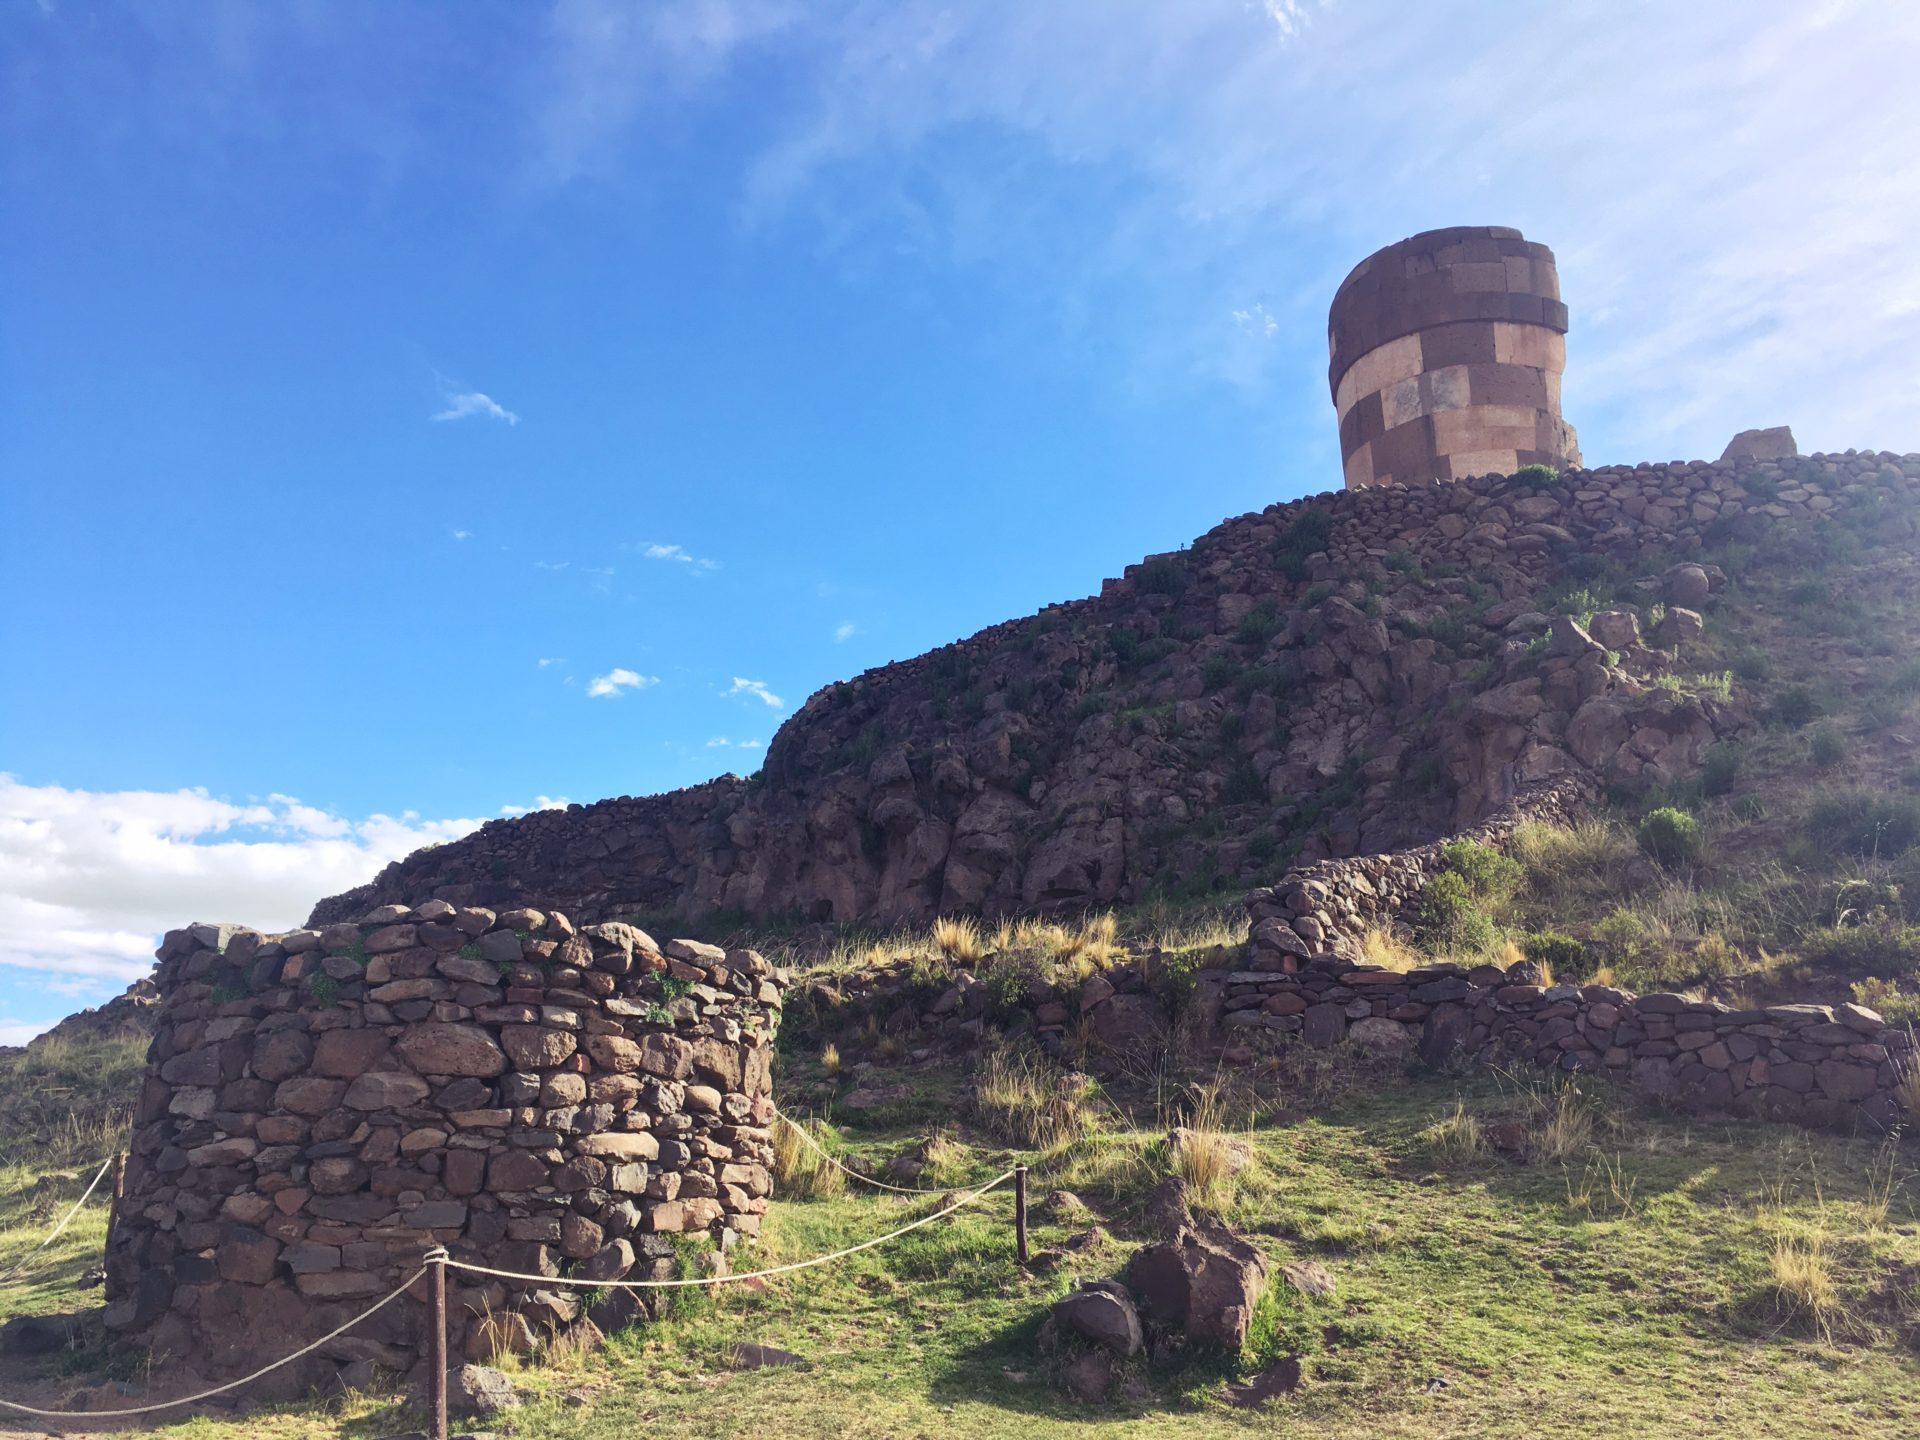 プーノ, チチカカ, 観光, Titicaca, Puno, 遺跡, Sillustani, シリュスタニ